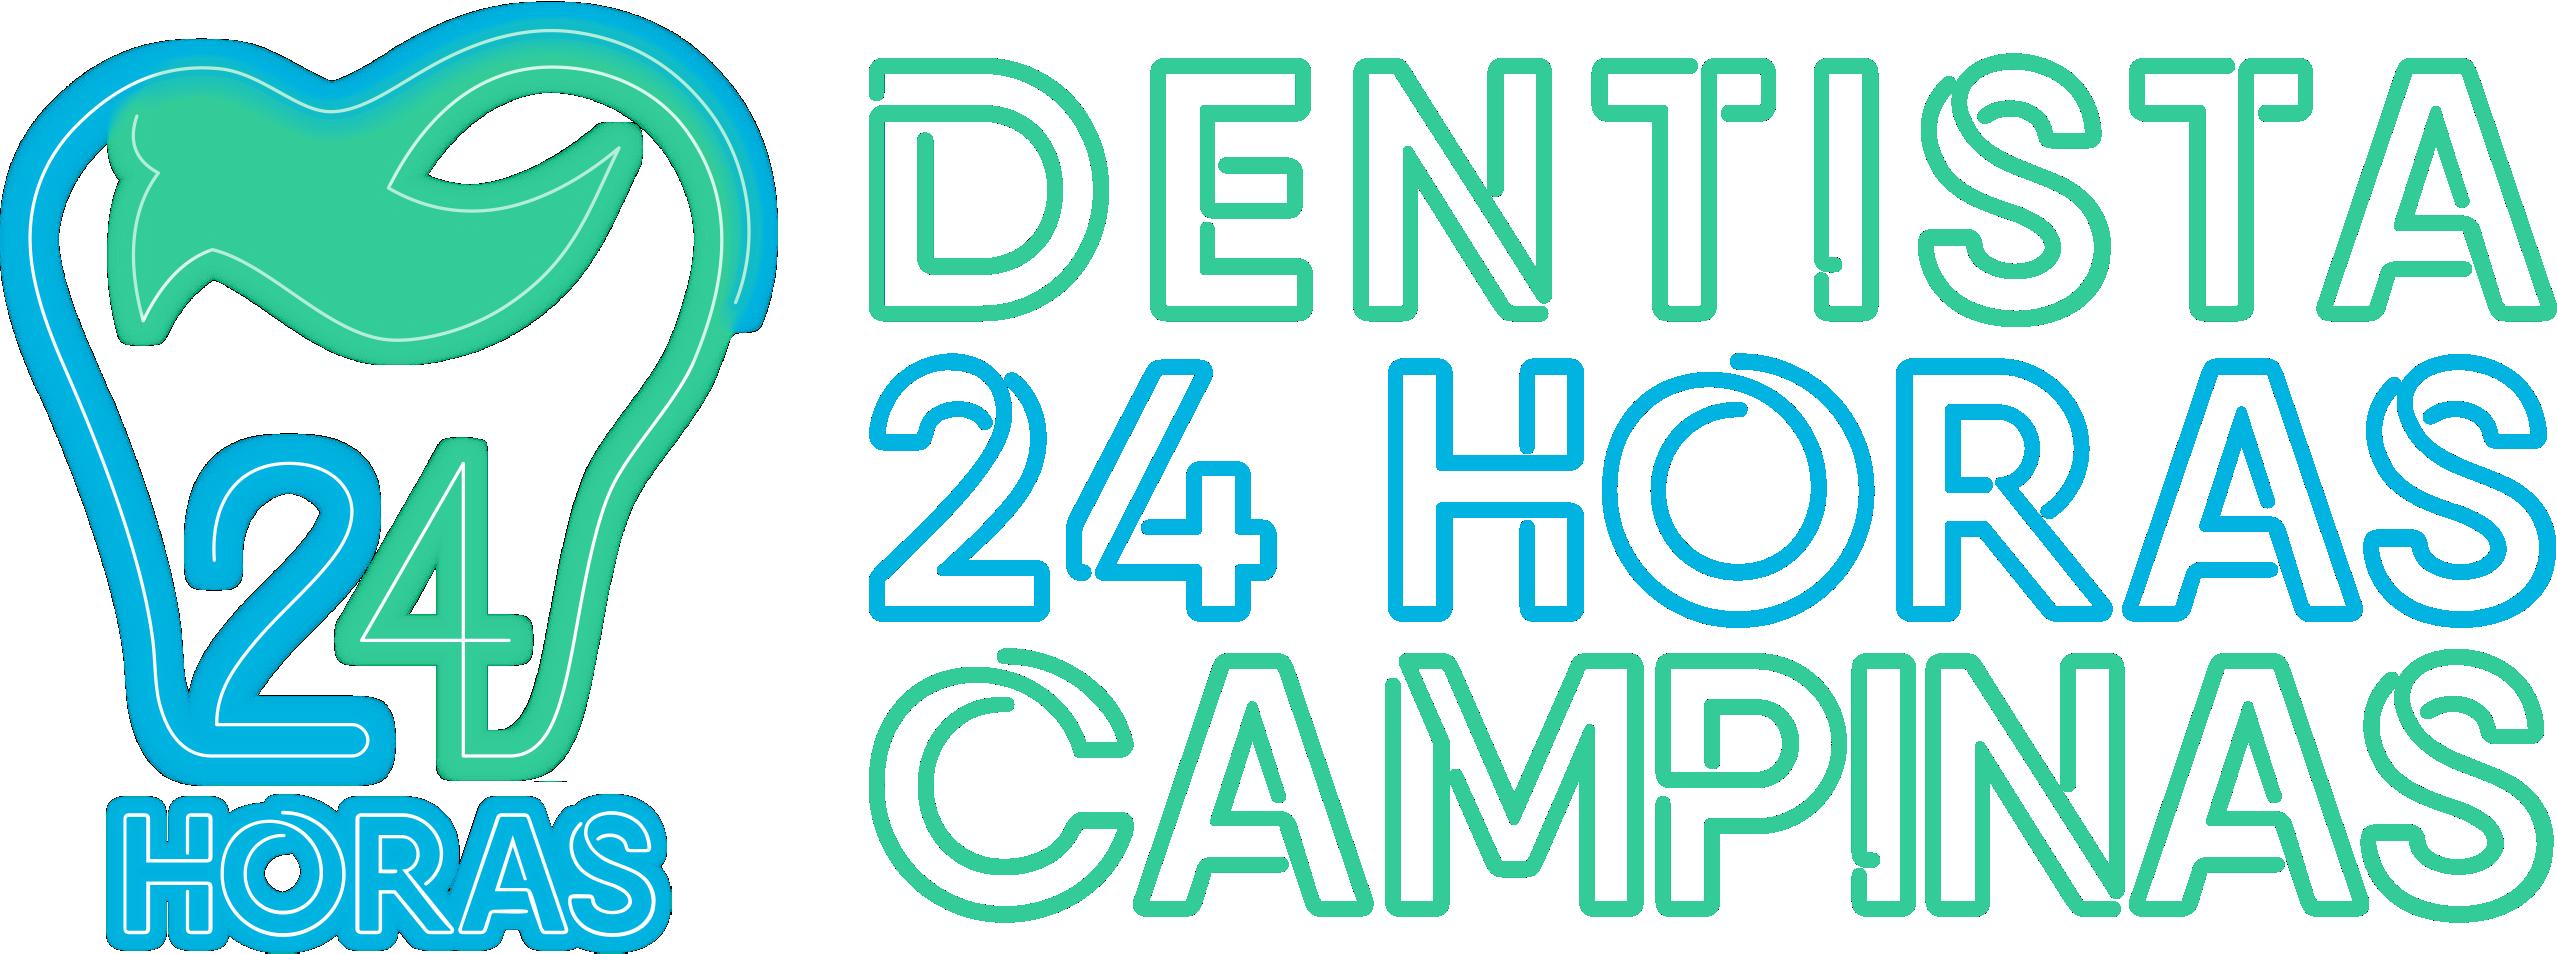 Dentista 24 Horas Campinas